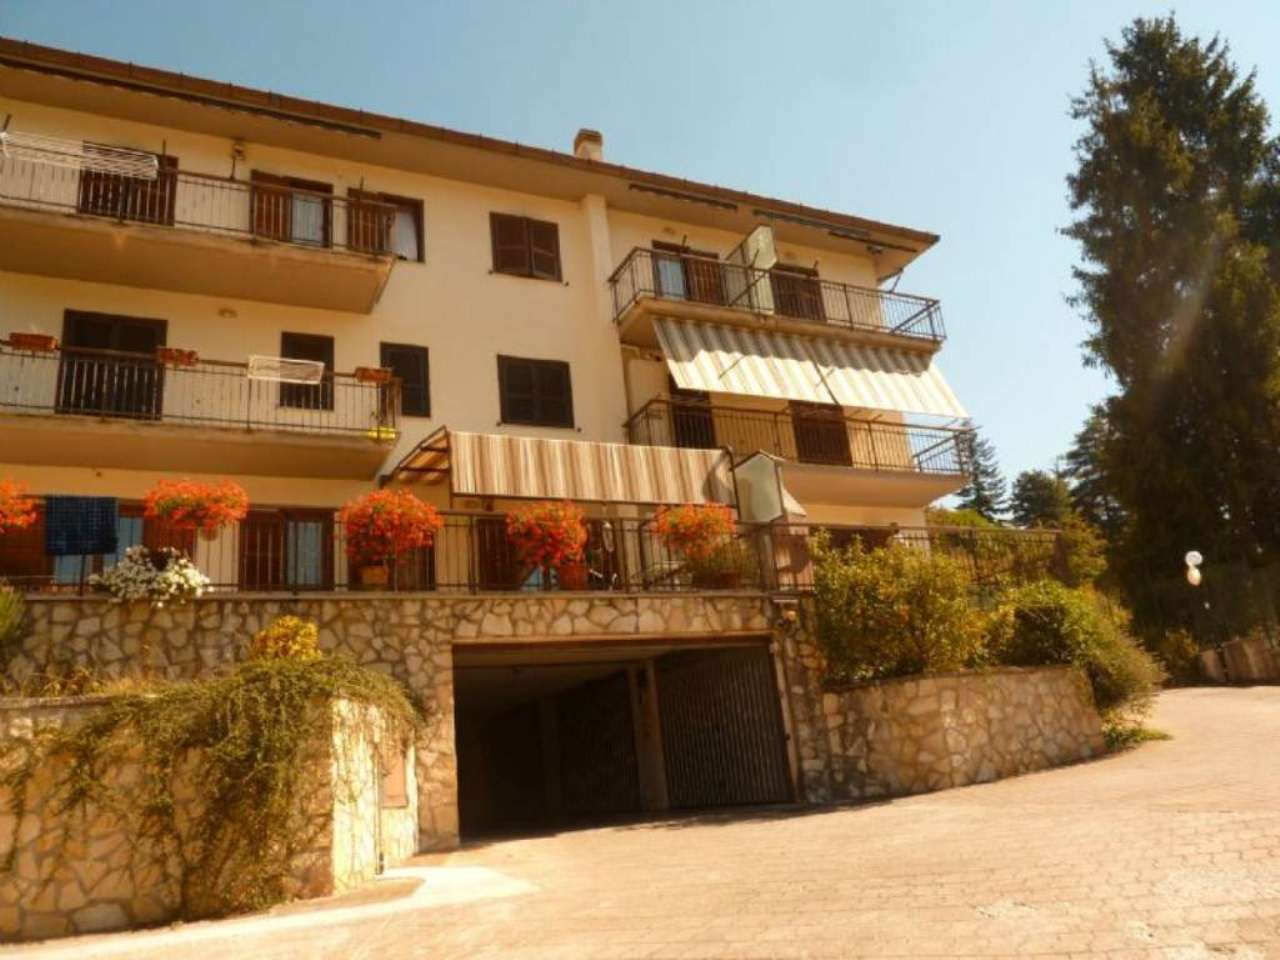 Appartamento in vendita a Carsoli, 4 locali, prezzo € 139.000 | Cambio Casa.it